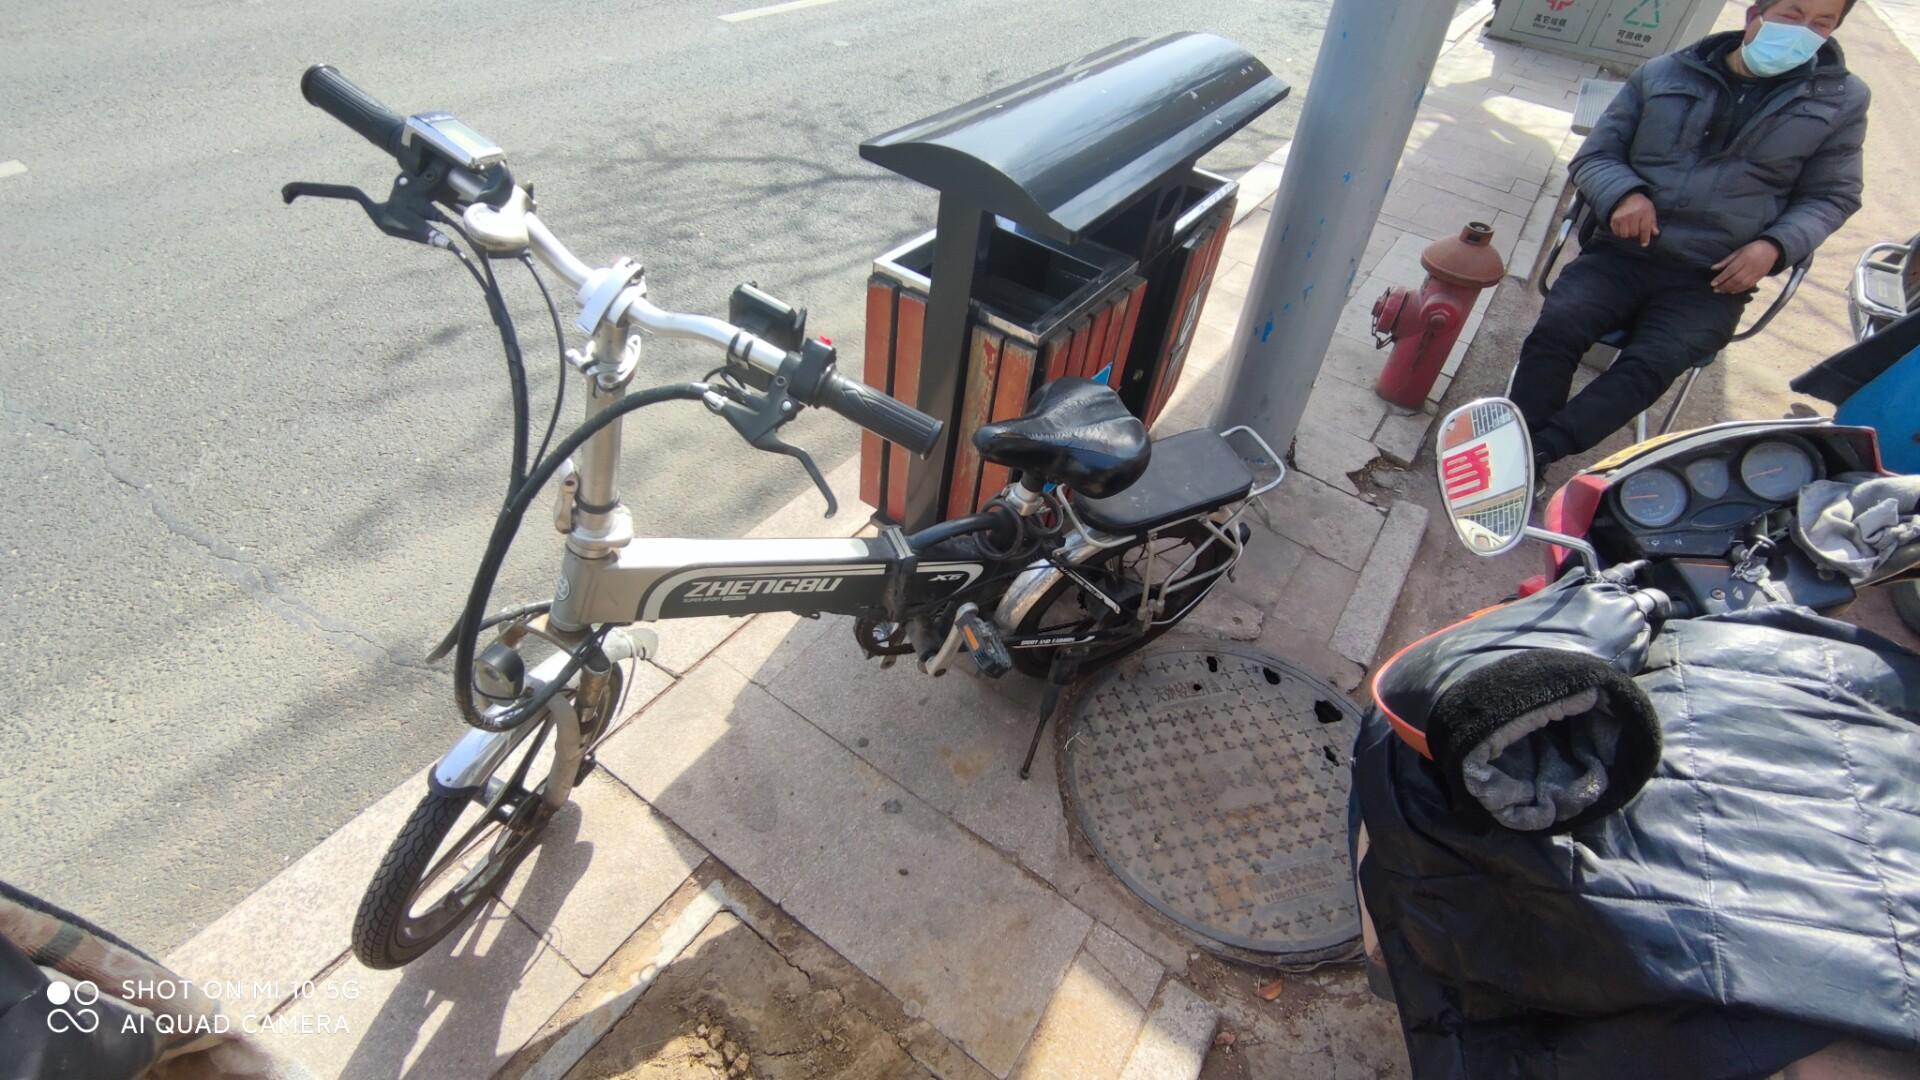 正步电动自行车,锂电池,8成新,原装充电器,电池,没有任何毛